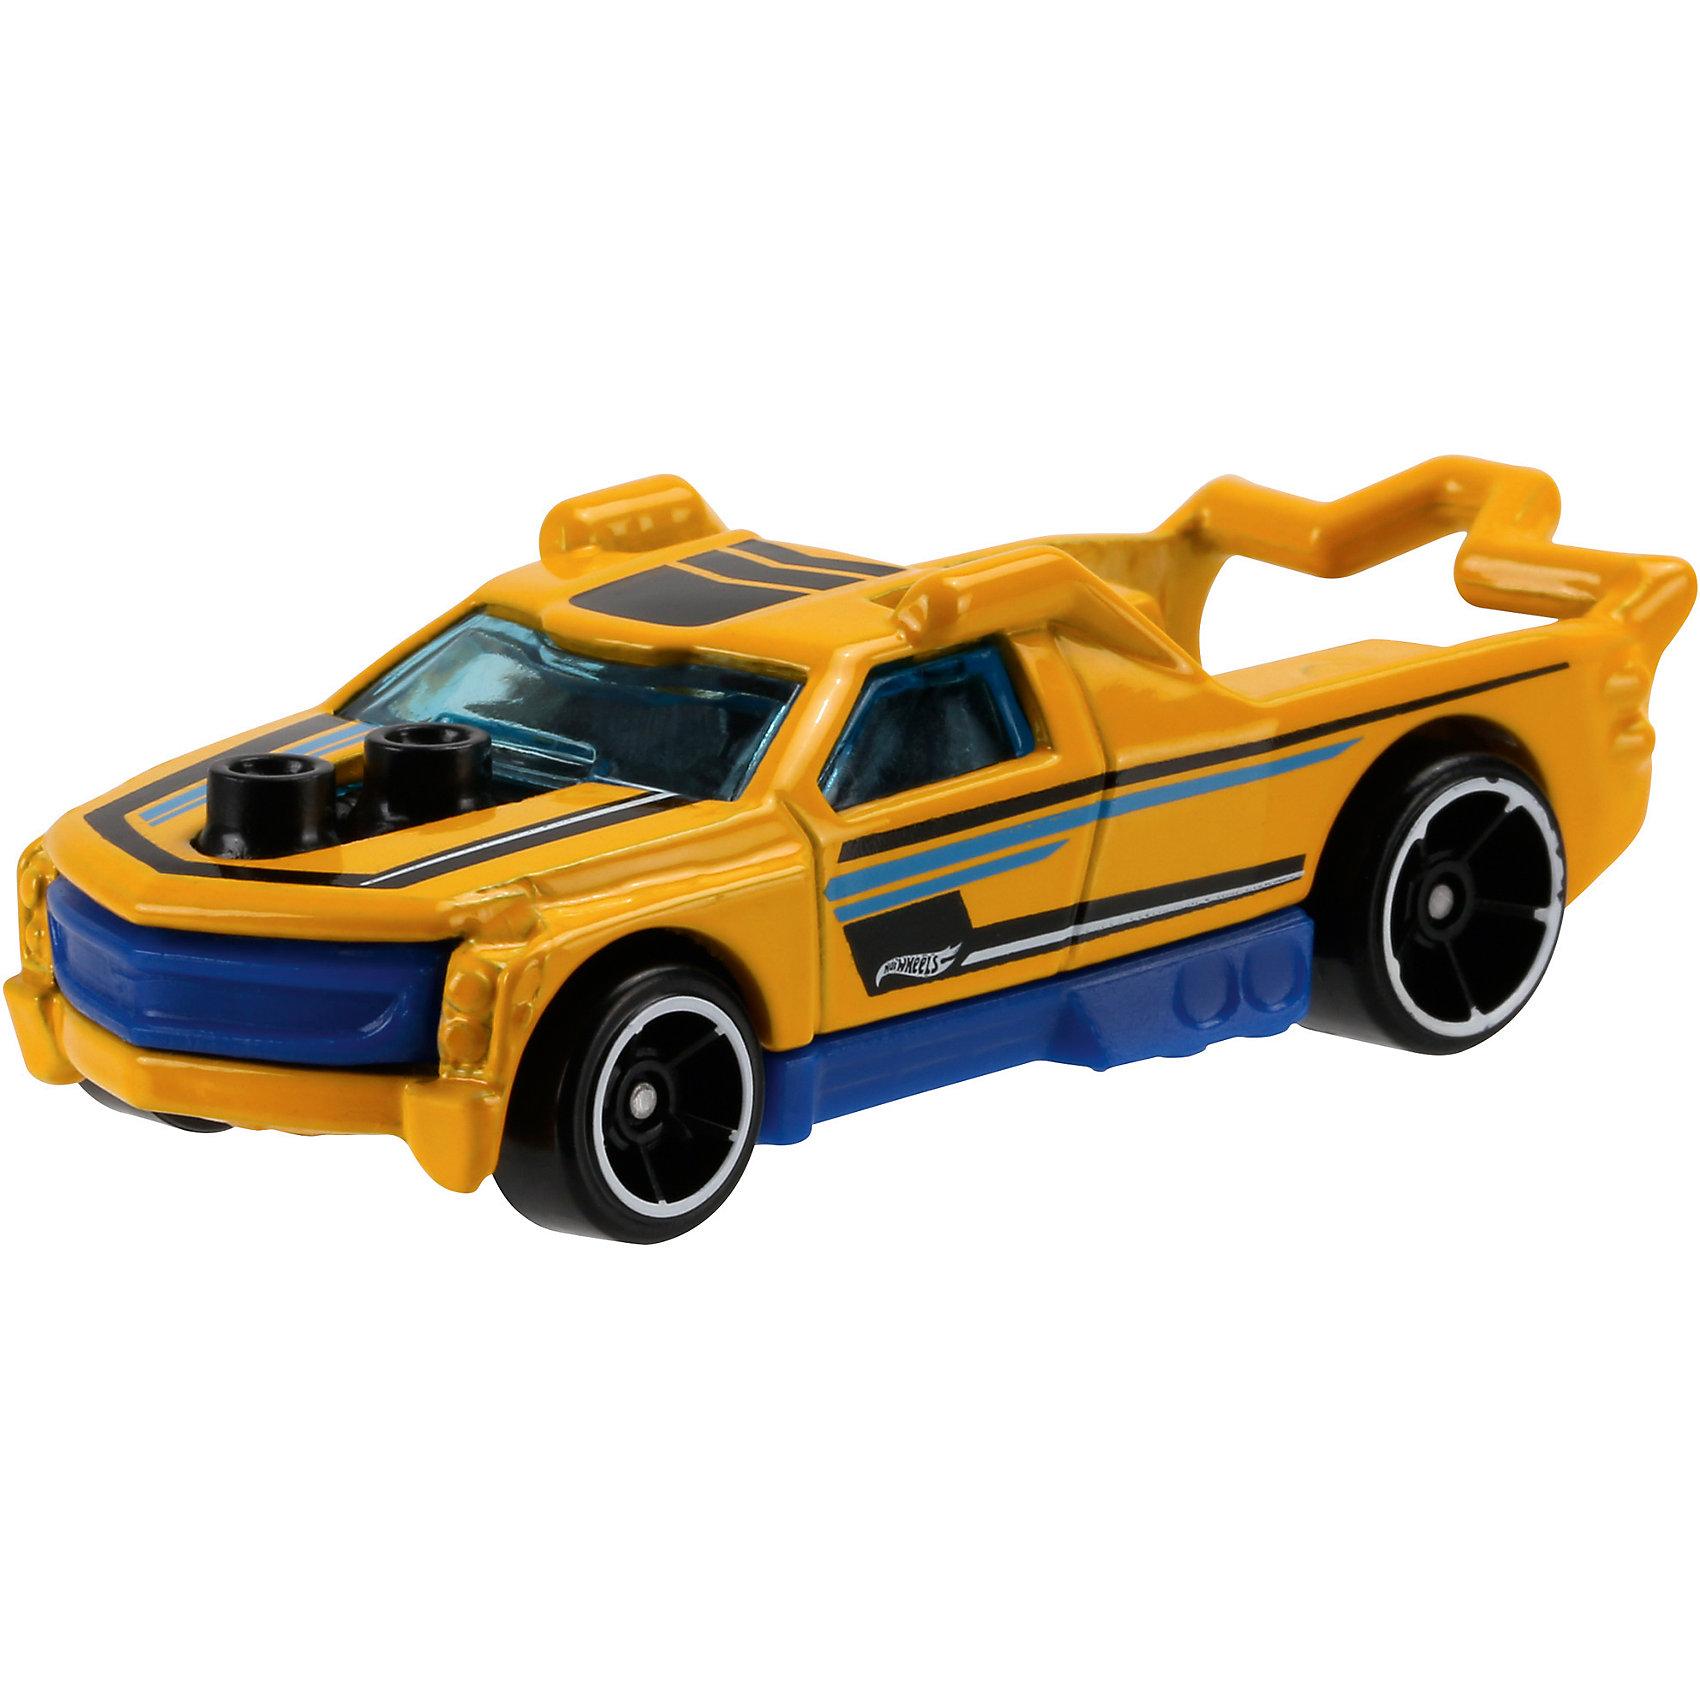 Машинка Hot Wheels из базовой коллекцииМашинка Hot Wheels из базовой коллекции – высококачественная масштабная модель машины, имеющая неординарный, радикальный дизайн. <br><br>В упаковке 1 машинка,  машинки тематически обусловлены от фантазийных, спасательных до экстремальных и просто скоростных машин. <br><br>Соберите свою коллекцию машинок Hot Wheels!<br><br>Дополнительная информация: <br><br>Машинка стандартного размера Hot Wheels<br>Размер упаковки: 11 х 10,5 х 3,5 см<br><br>Ширина мм: 110<br>Глубина мм: 45<br>Высота мм: 110<br>Вес г: 30<br>Возраст от месяцев: 36<br>Возраст до месяцев: 96<br>Пол: Мужской<br>Возраст: Детский<br>SKU: 5033410